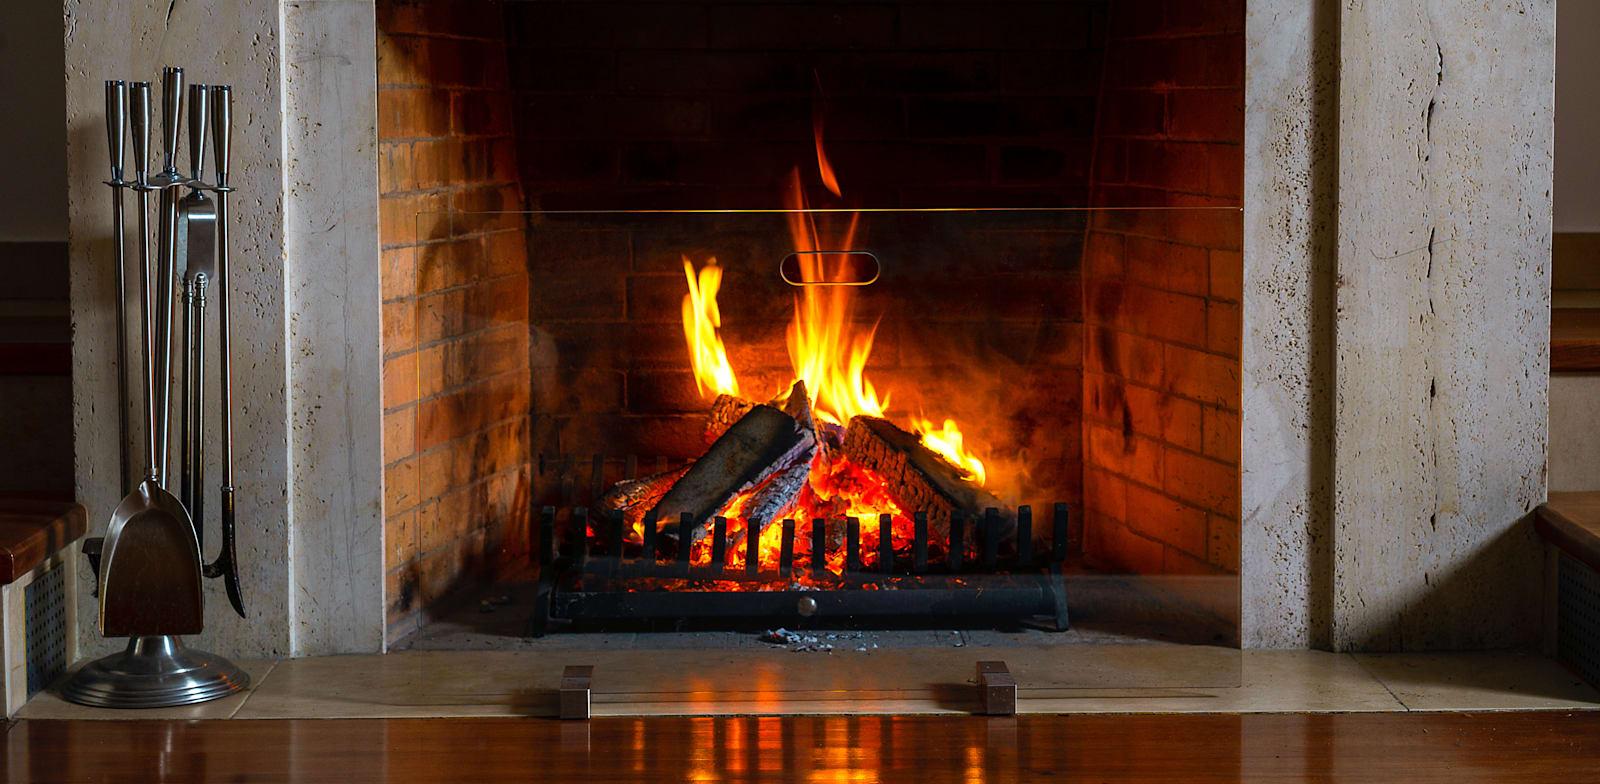 איך לחמם את הבית בלי להזיק לסביבה (ולמה קמין זו לא תשובה טובה)